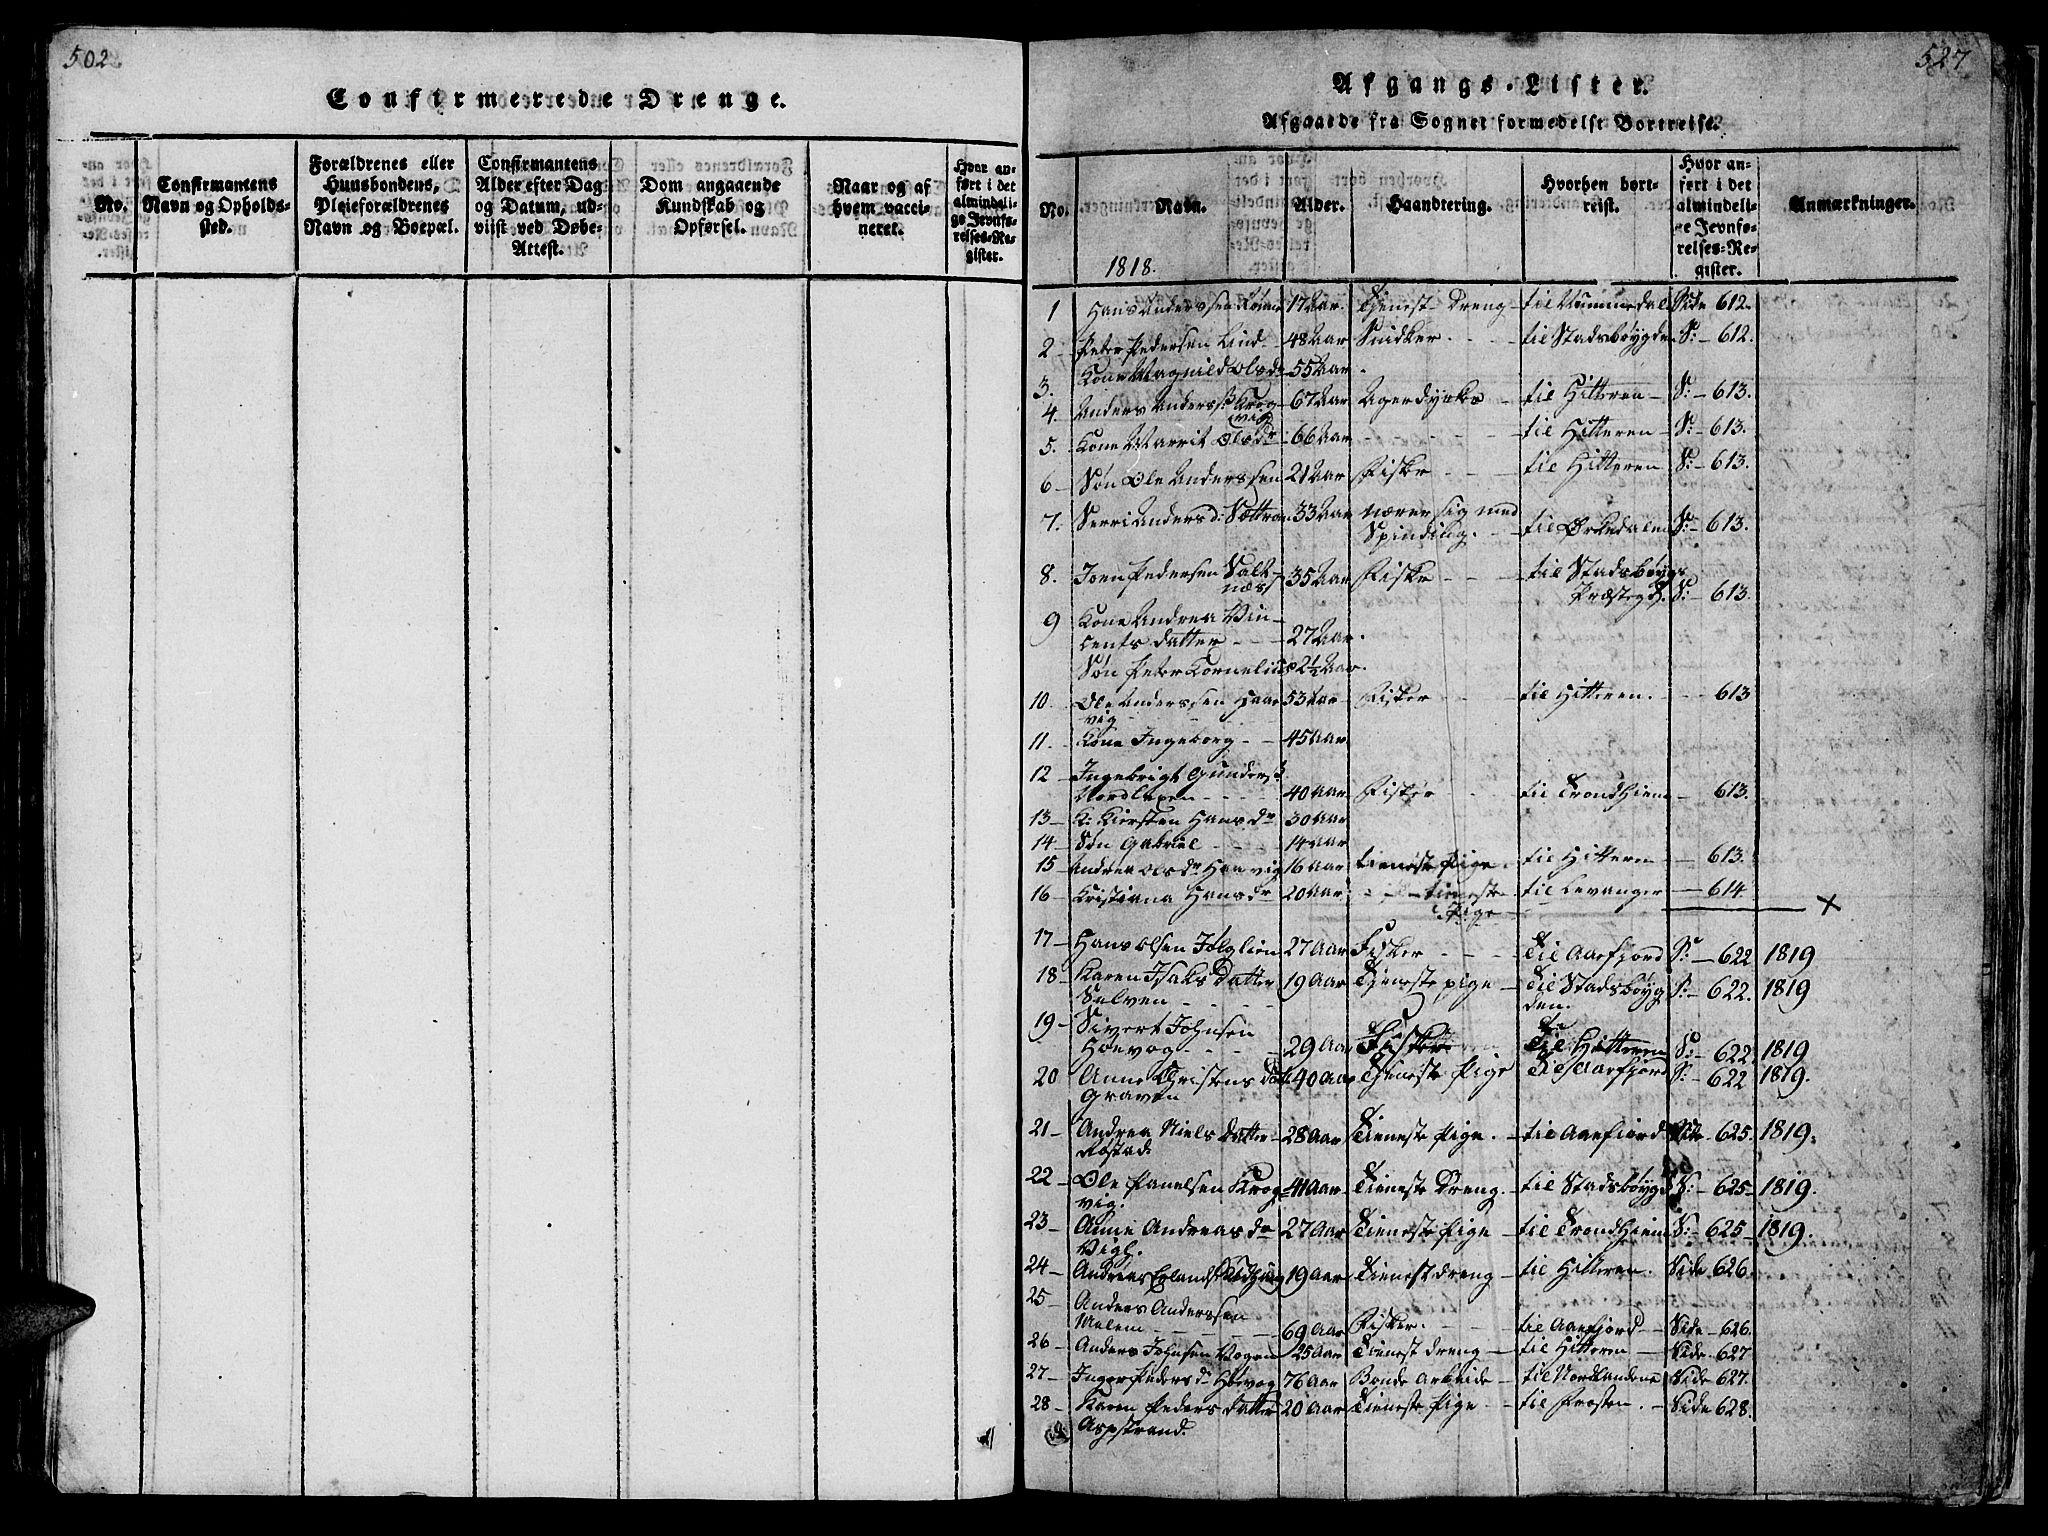 SAT, Ministerialprotokoller, klokkerbøker og fødselsregistre - Sør-Trøndelag, 659/L0744: Klokkerbok nr. 659C01, 1818-1825, s. 527